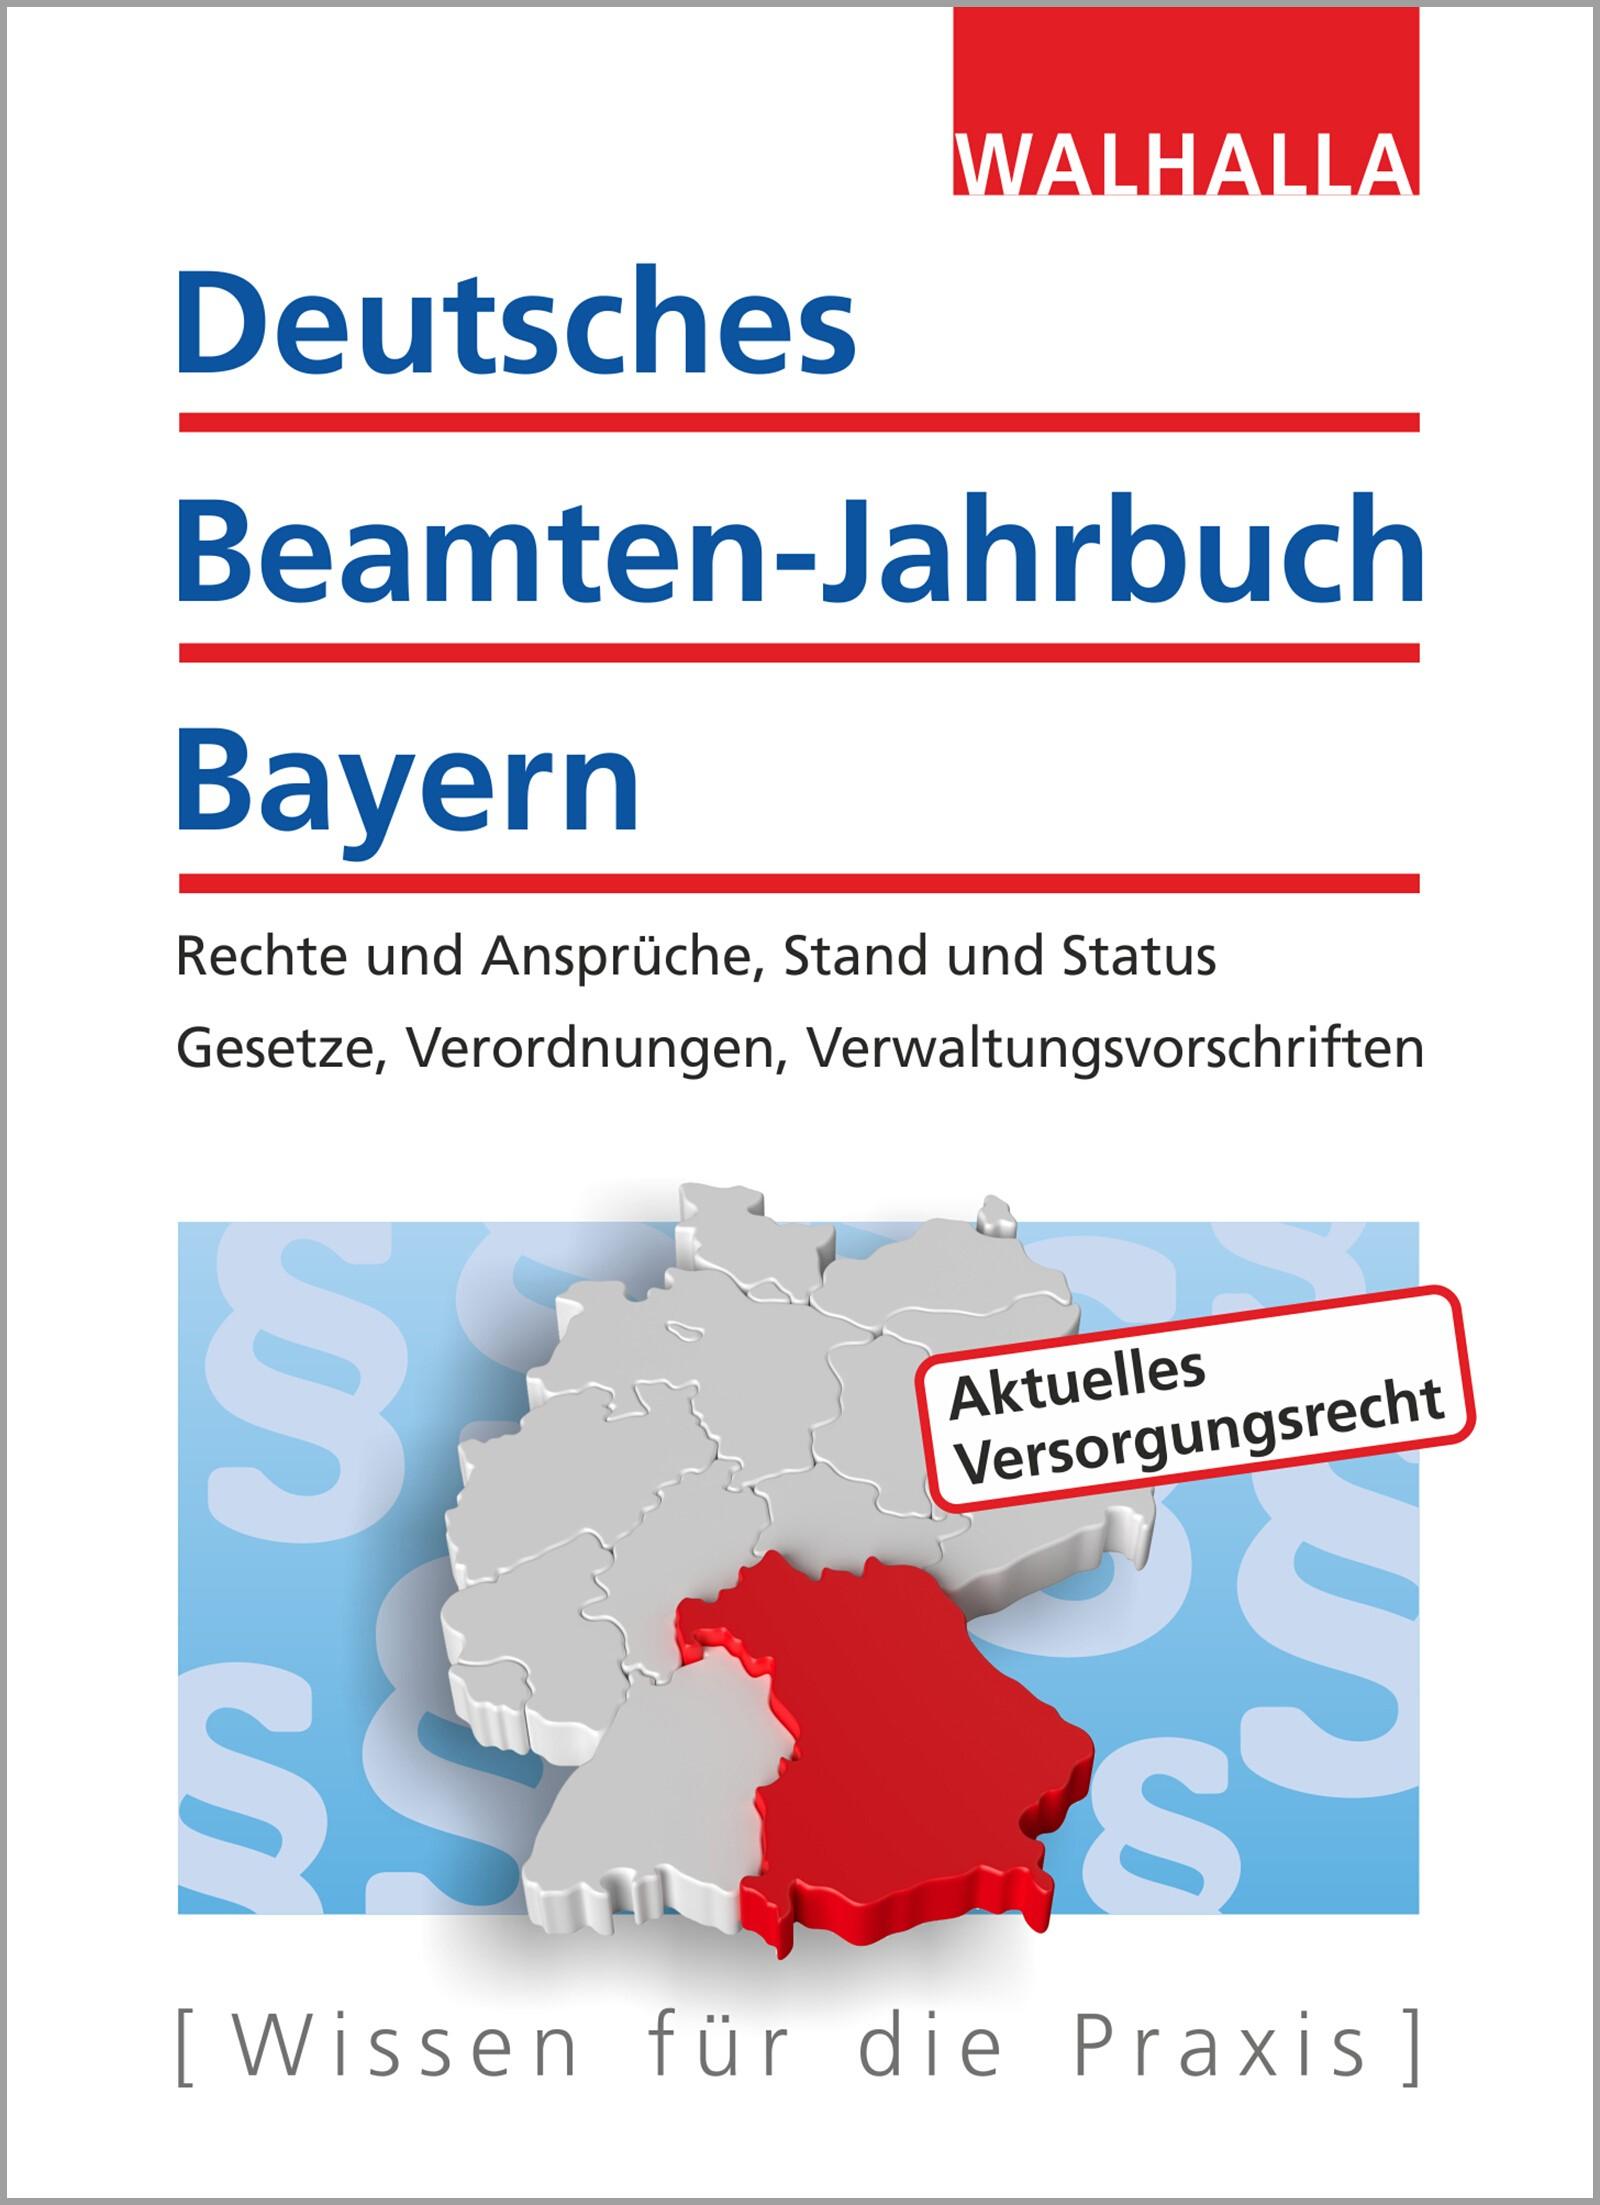 Deutsches Beamten-Jahrbuch Bayern • Jahresband 2017 | Walhalla Fachredaktion | Buch (Cover)